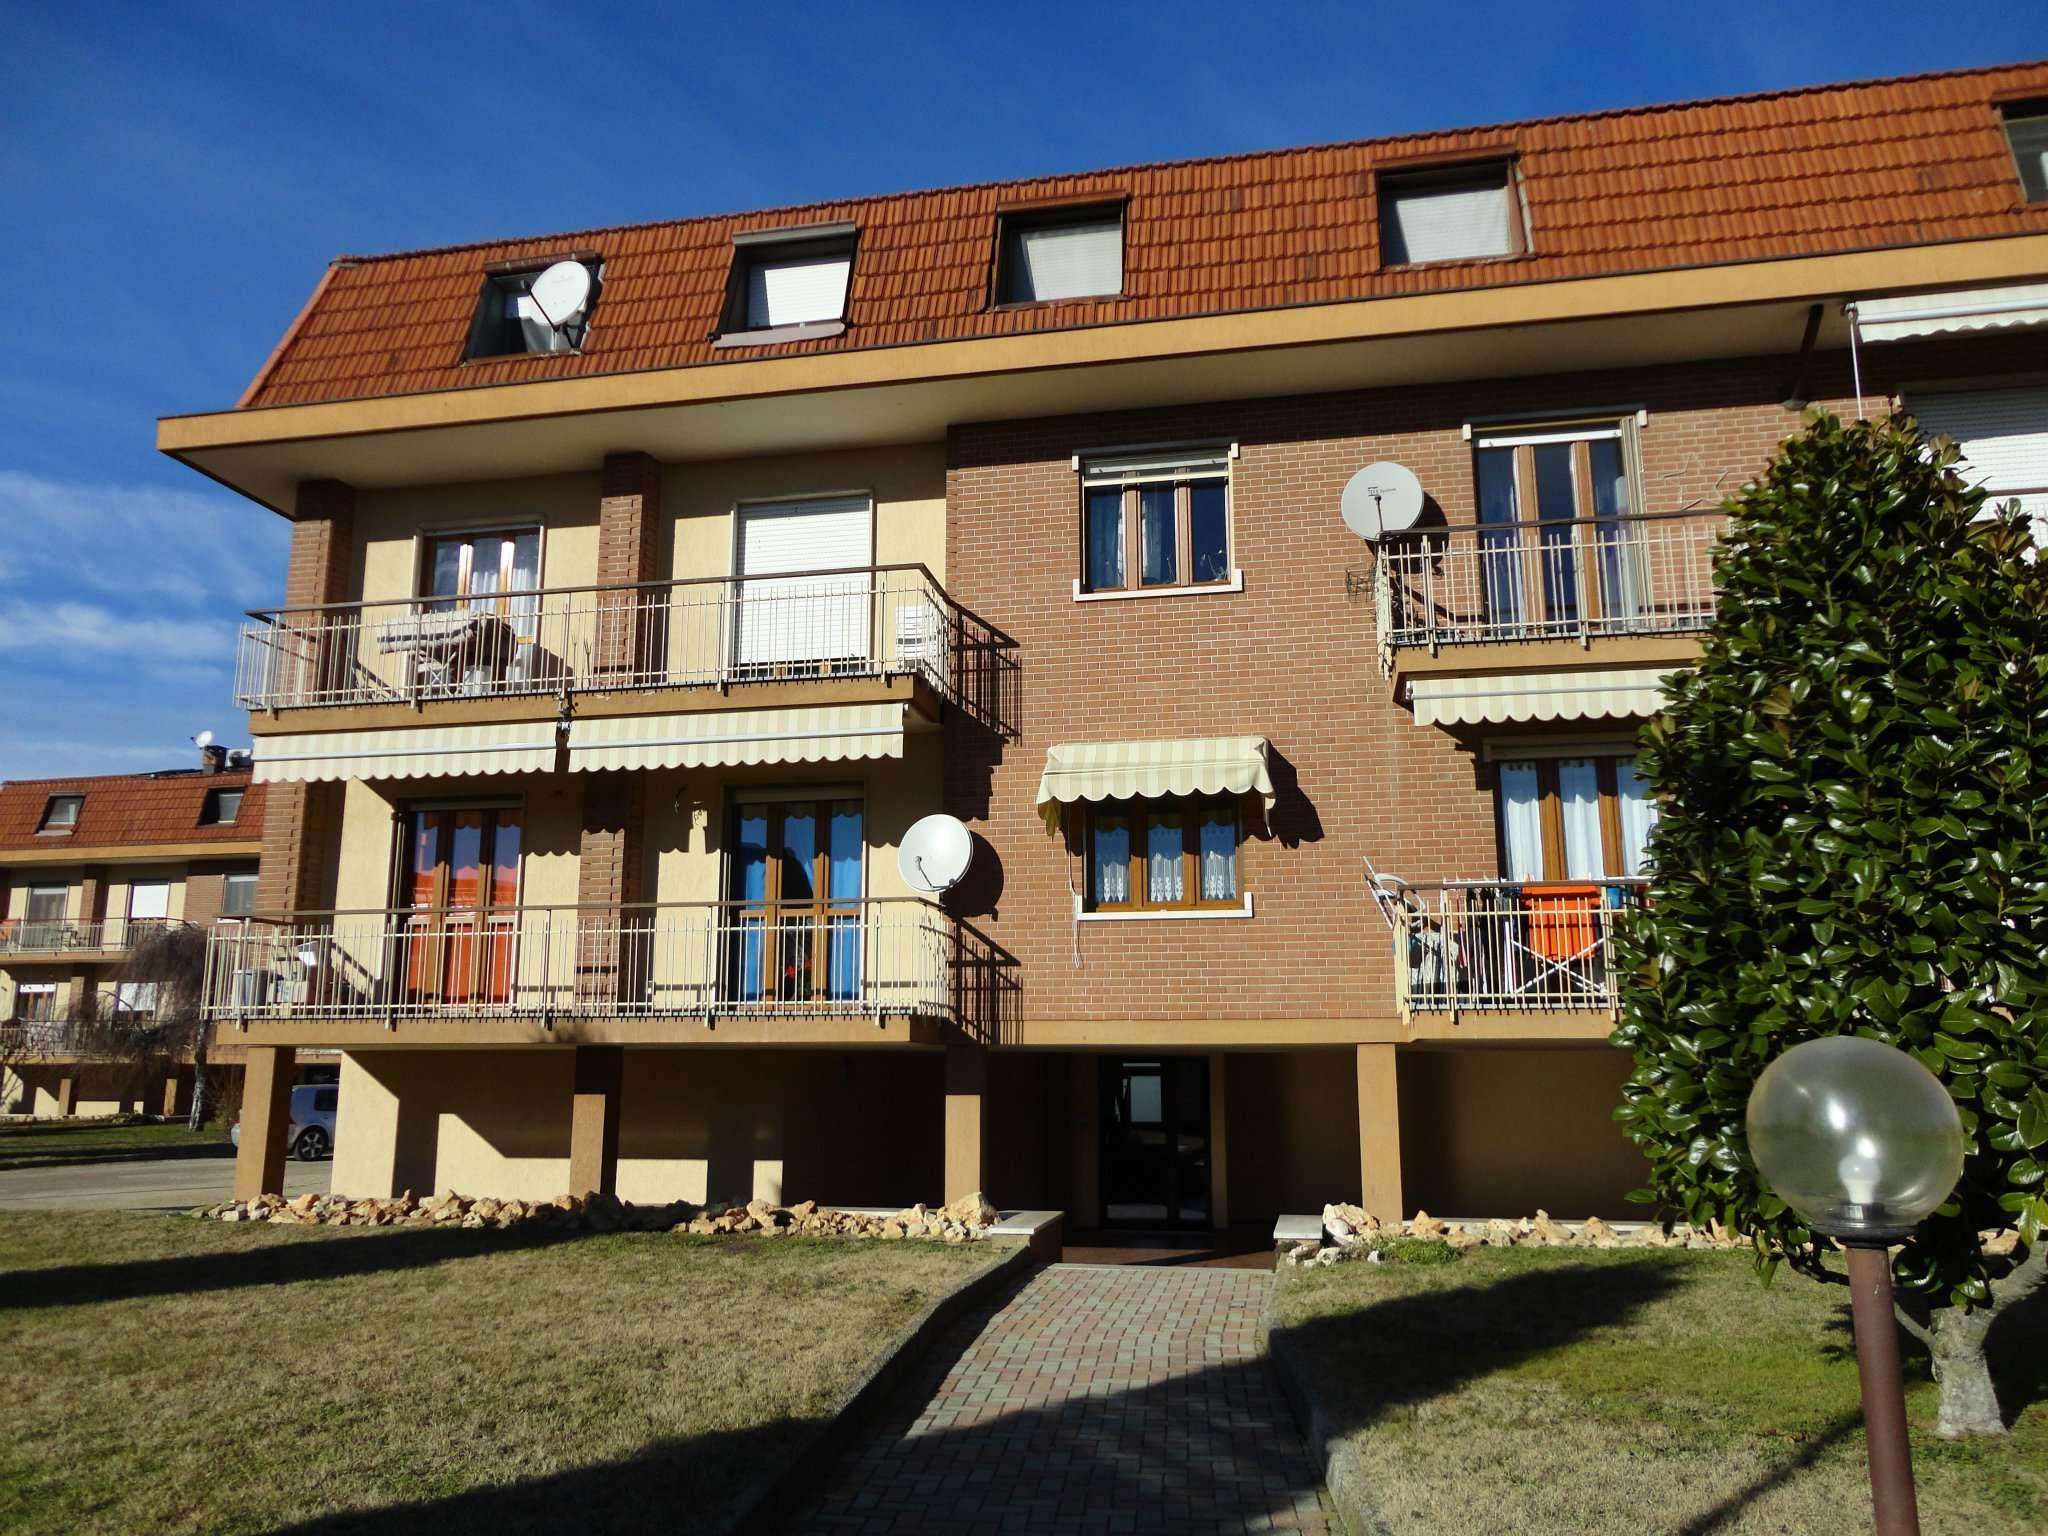 Appartamento in vendita a Santena, 3 locali, prezzo € 80.000 | PortaleAgenzieImmobiliari.it